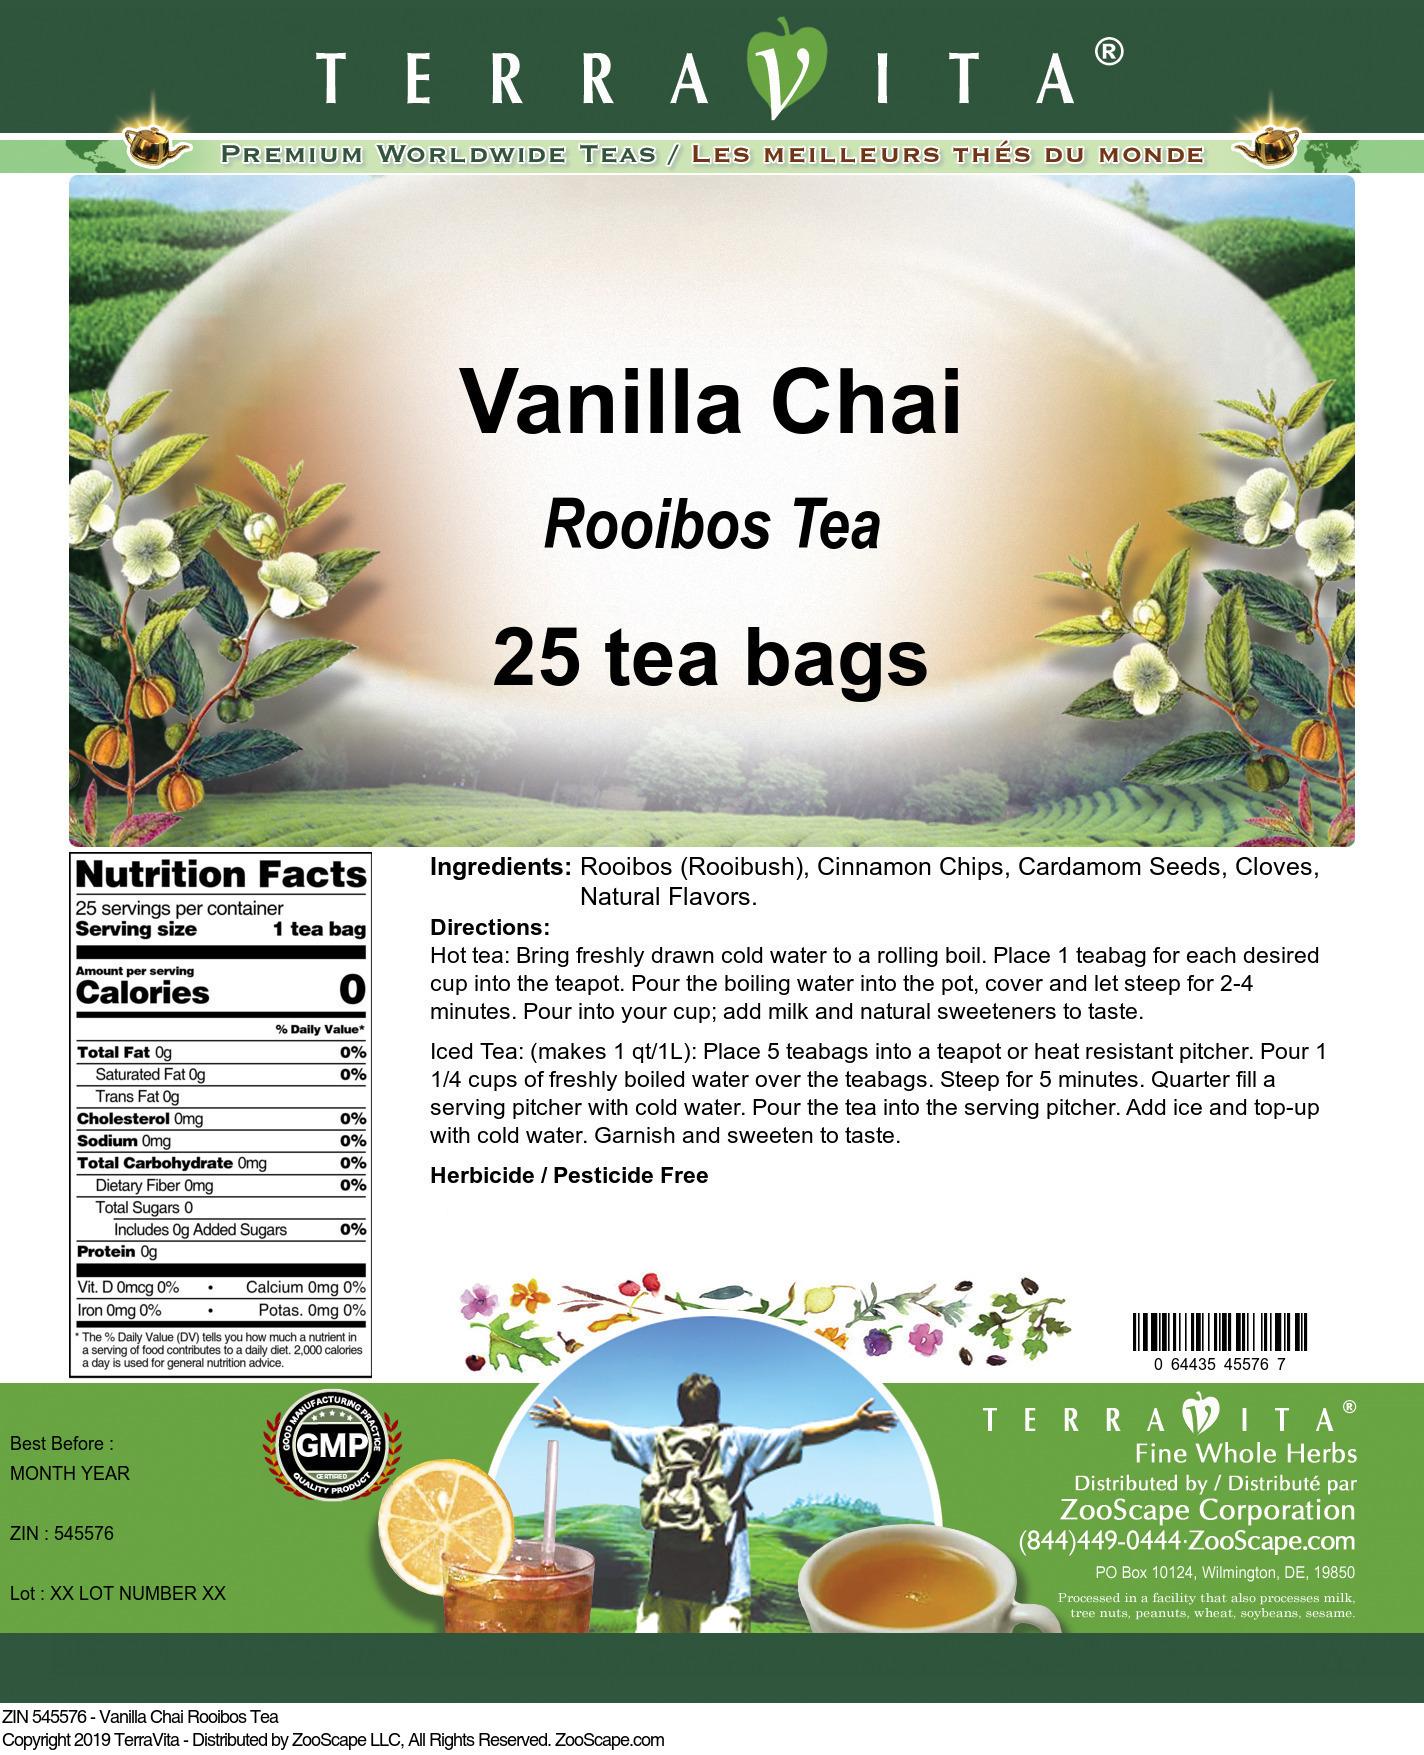 Vanilla Chai Rooibos Tea